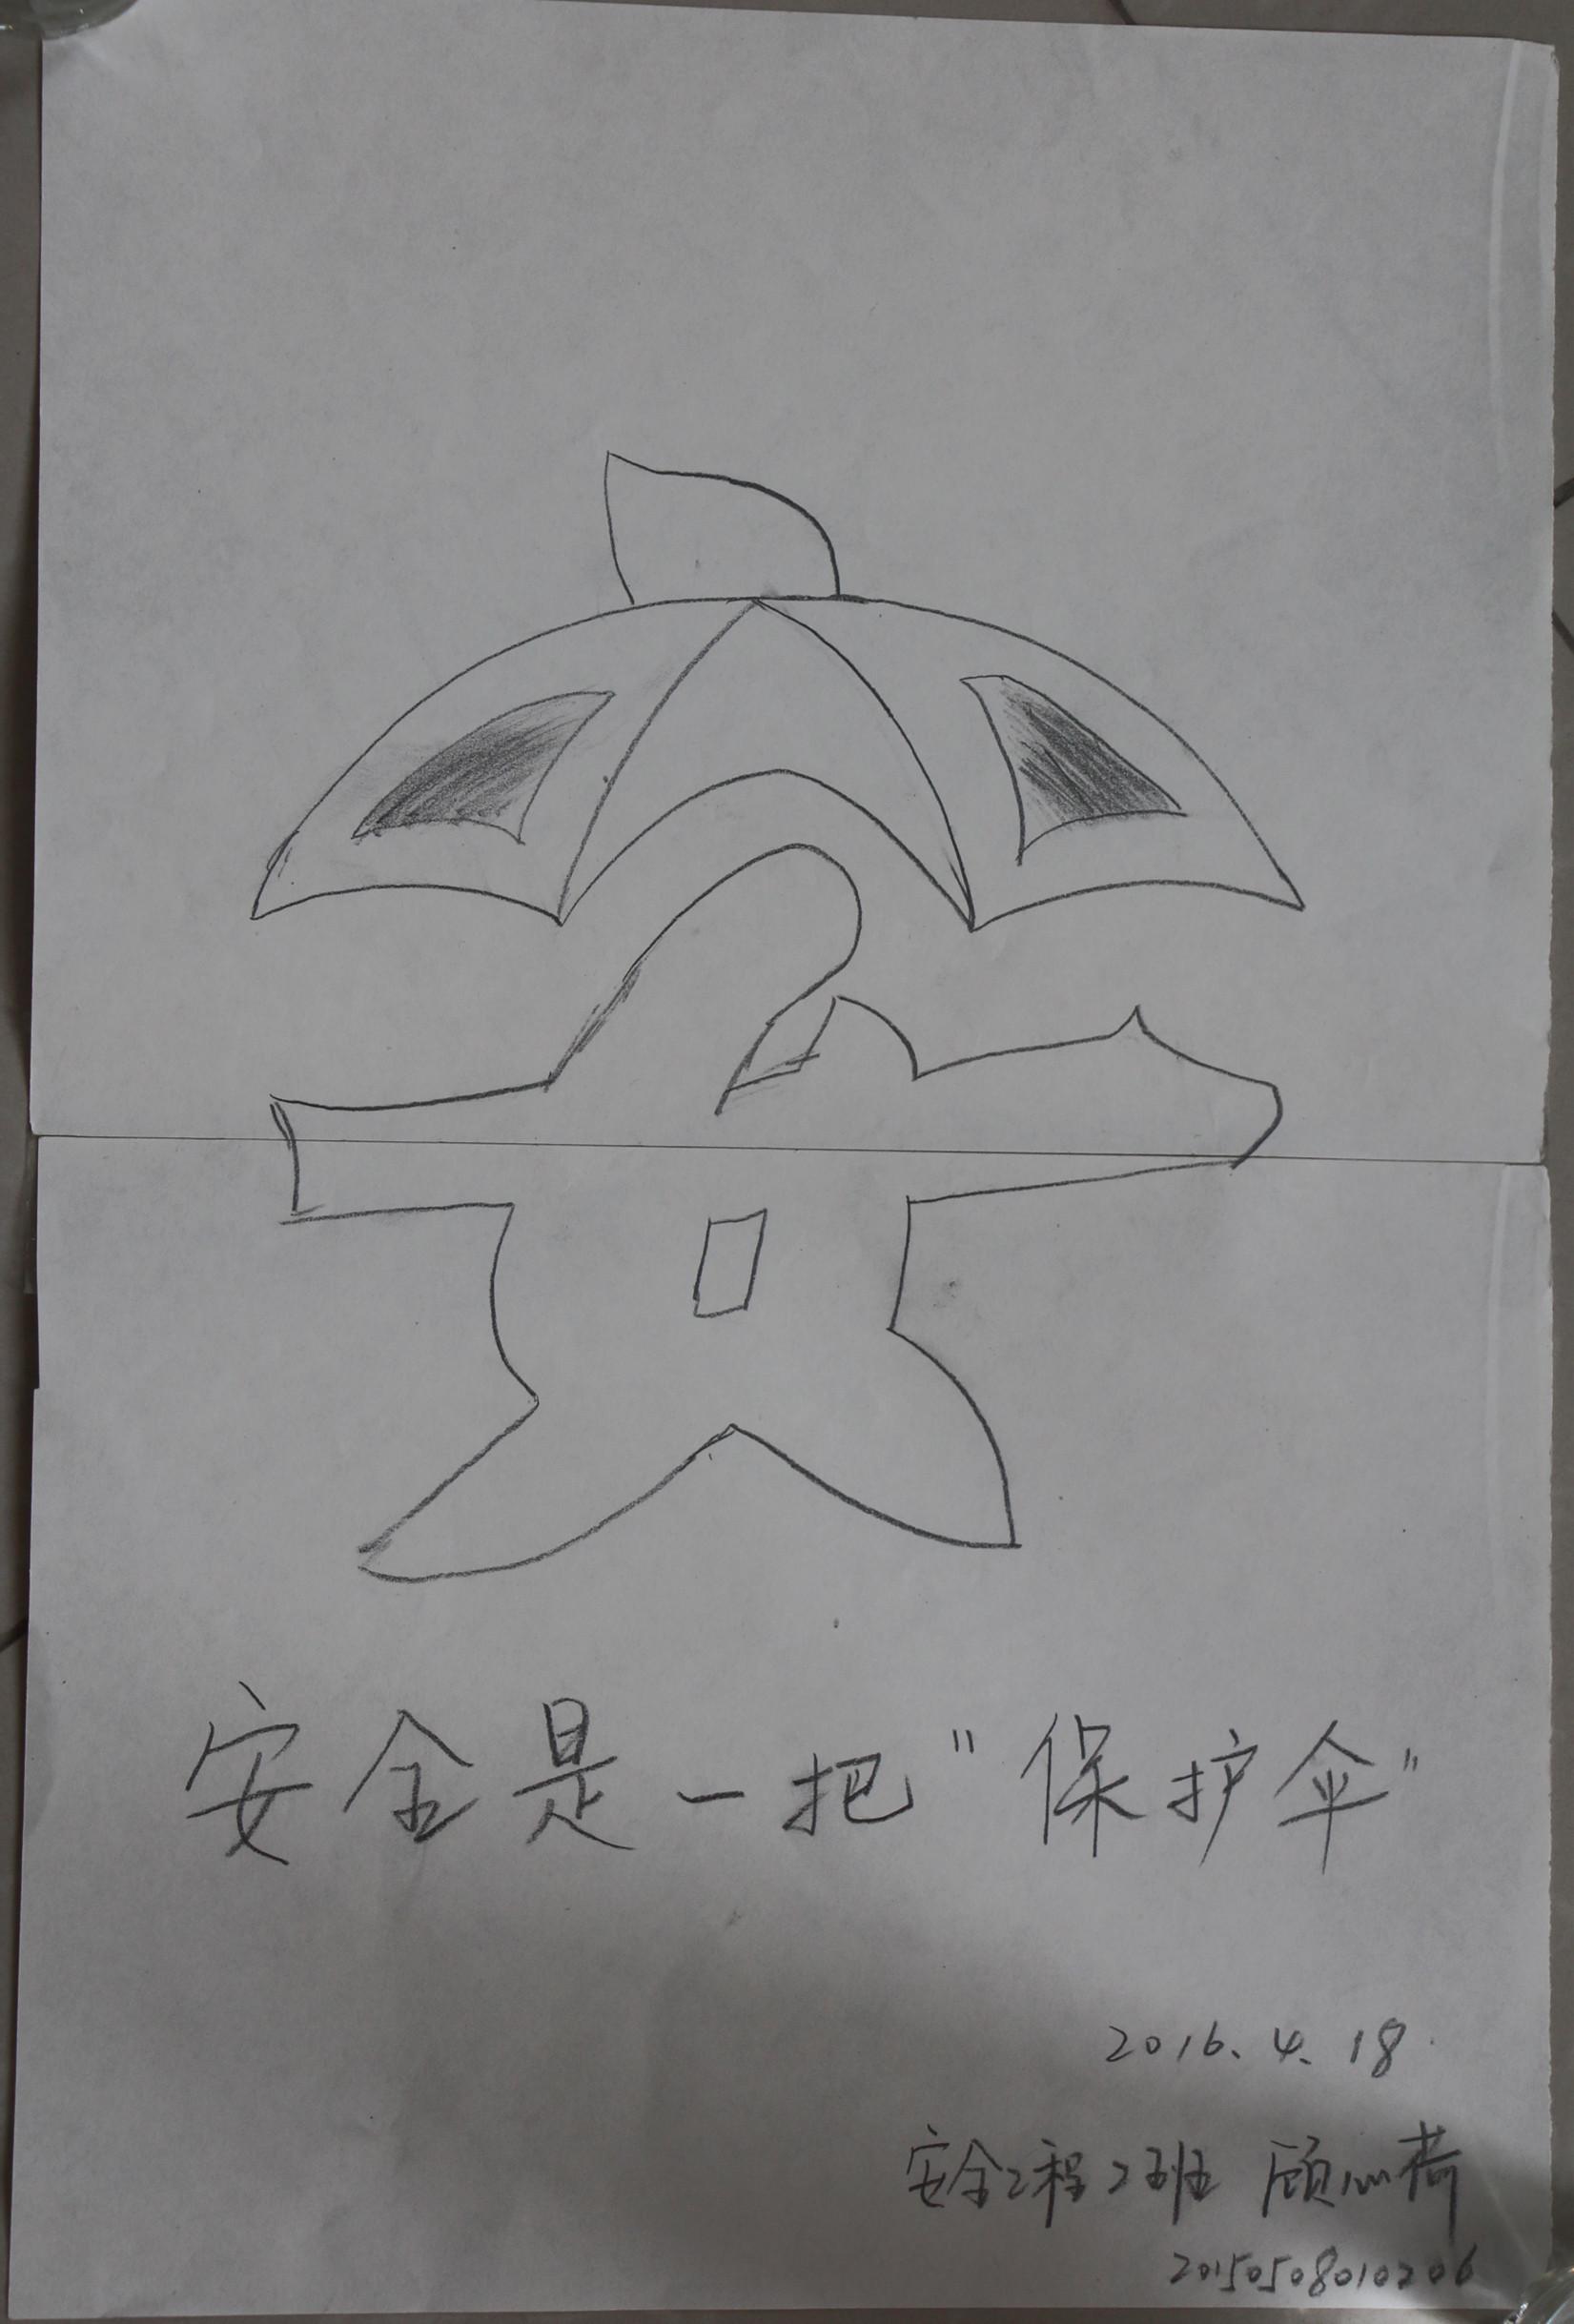 关于校园安全的简笔画-校园标志设计-关于花的简笔画-警察图片卡通